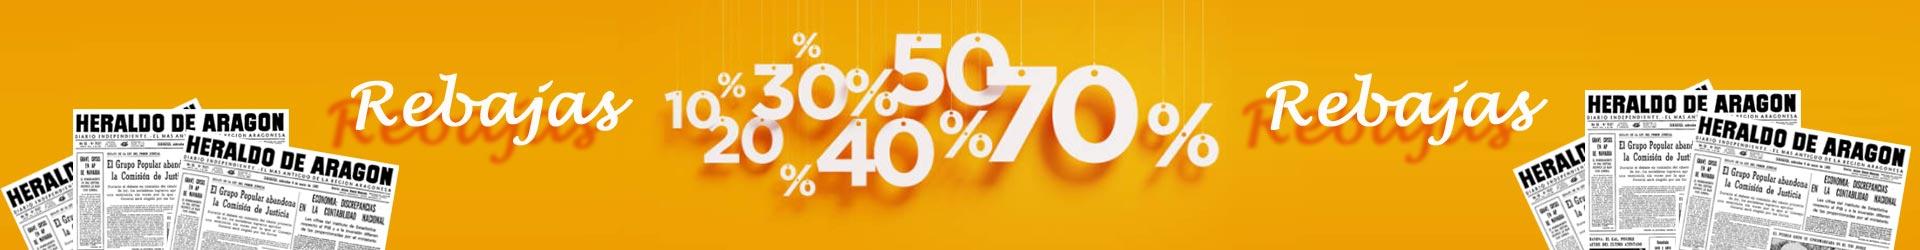 Rebajas con descuento hasta el 70%